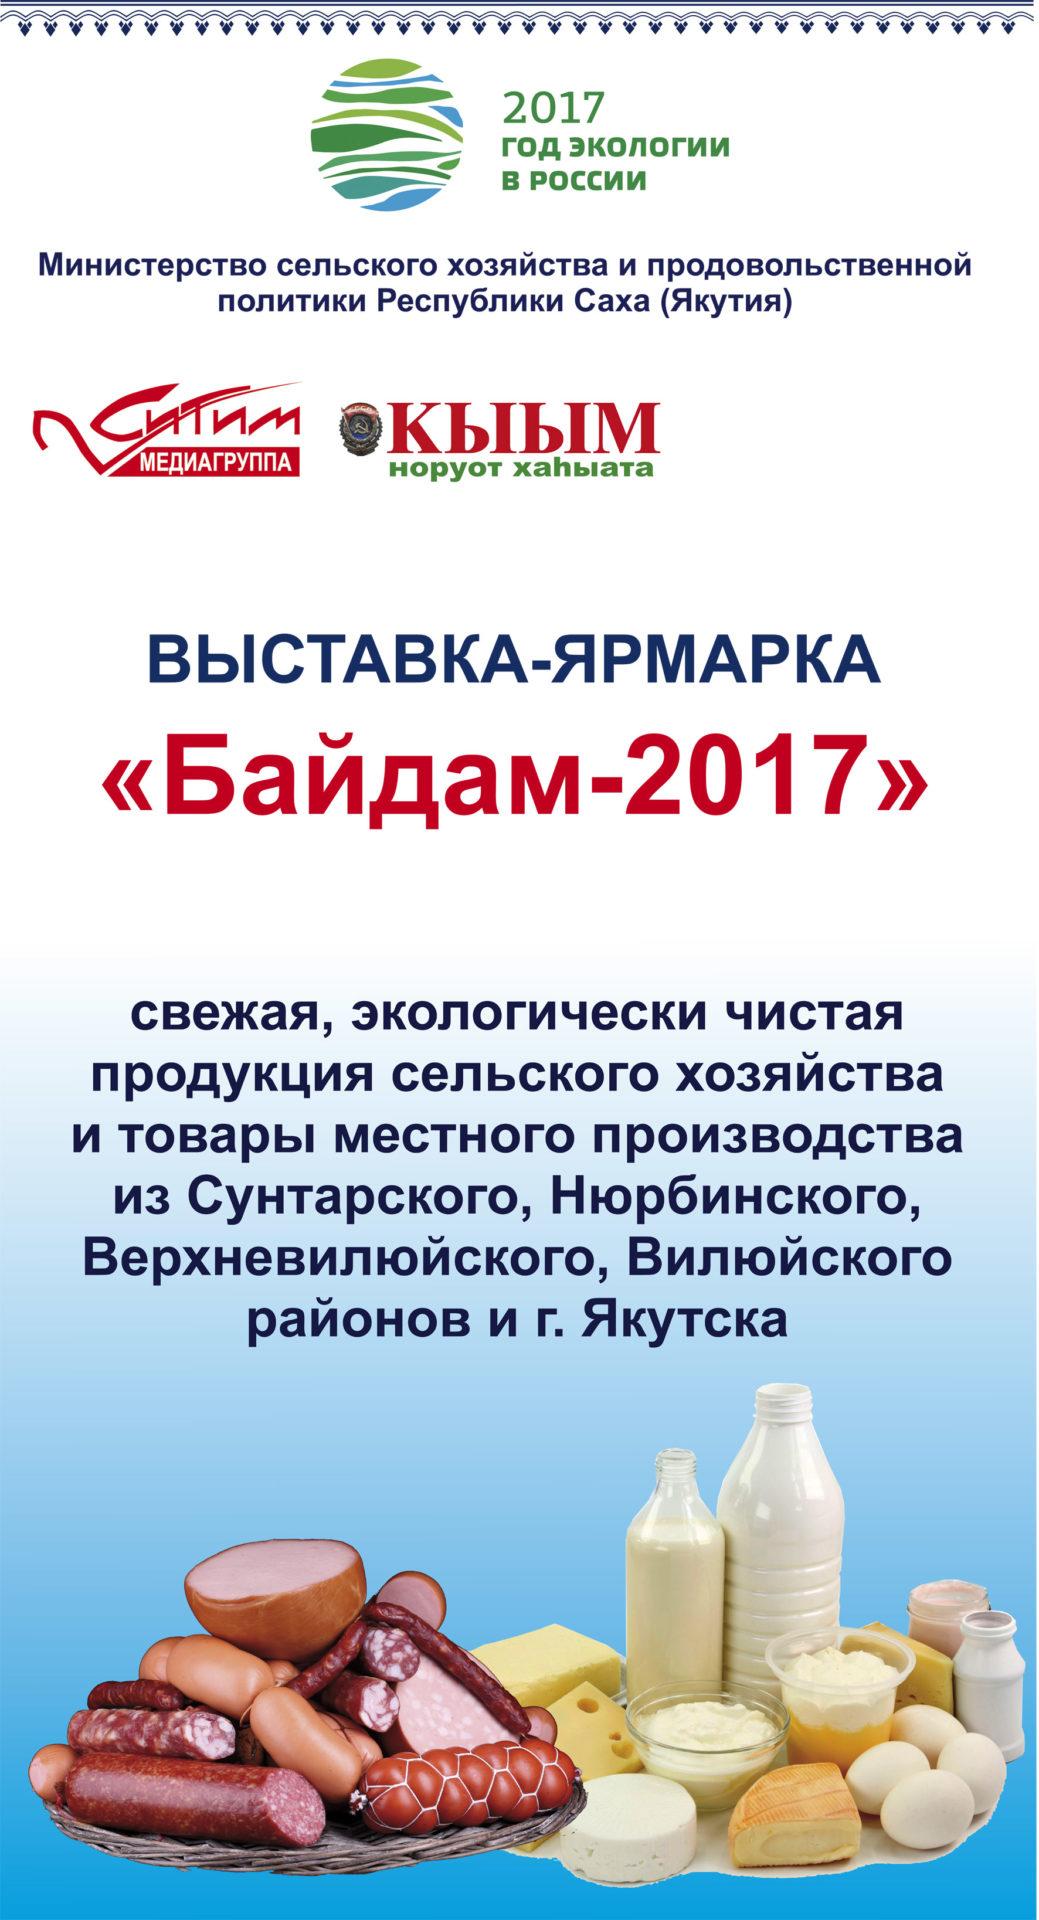 Выставка-ярмарка «Байдам-2017» в Мирном